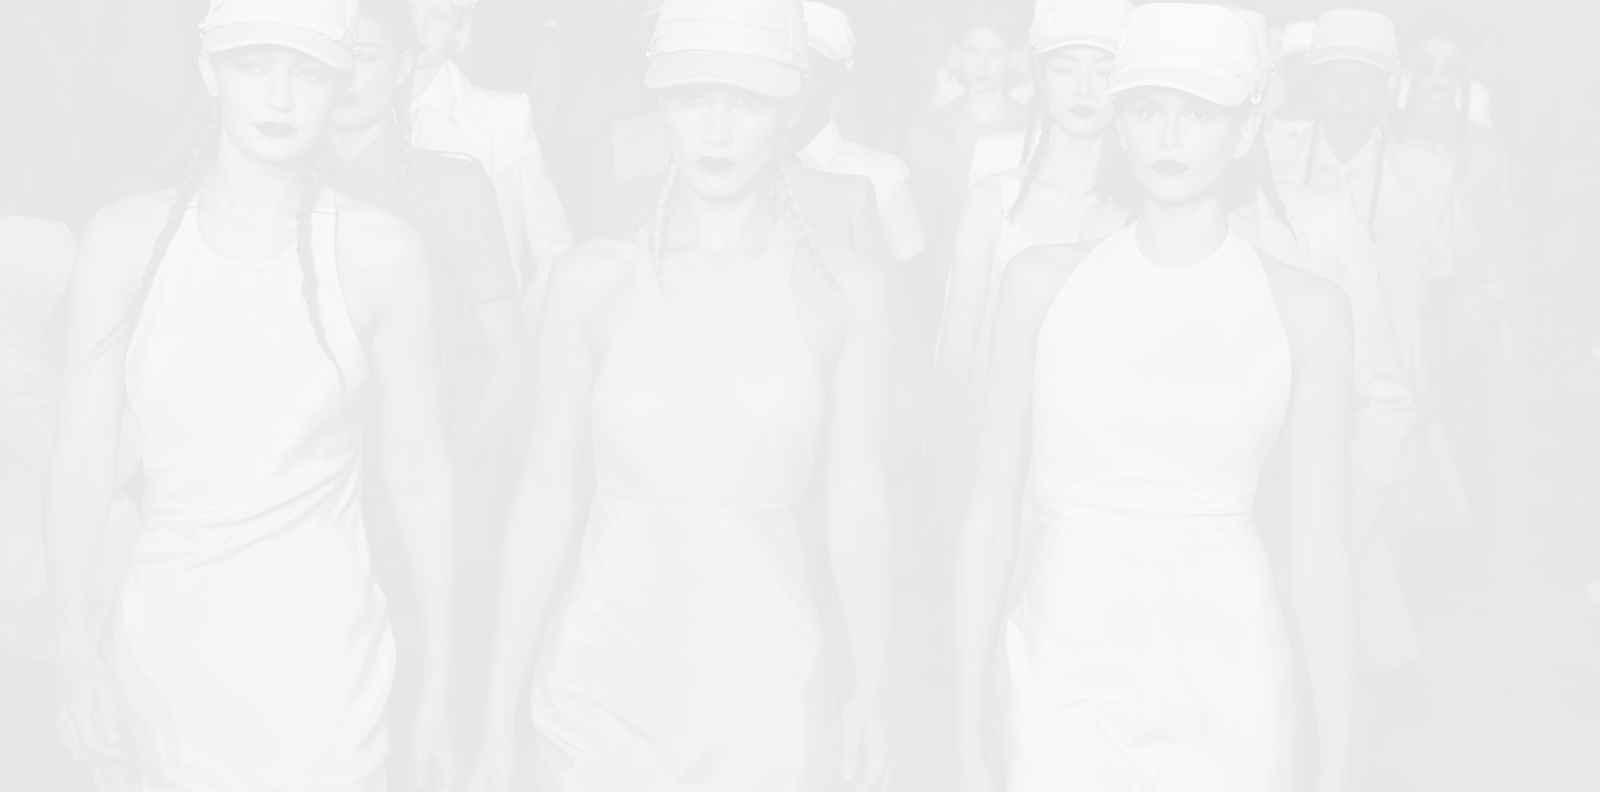 Ирина Шейк, Хейли Бийбър и Джиджи Хадид ще дефилират за благотворителност